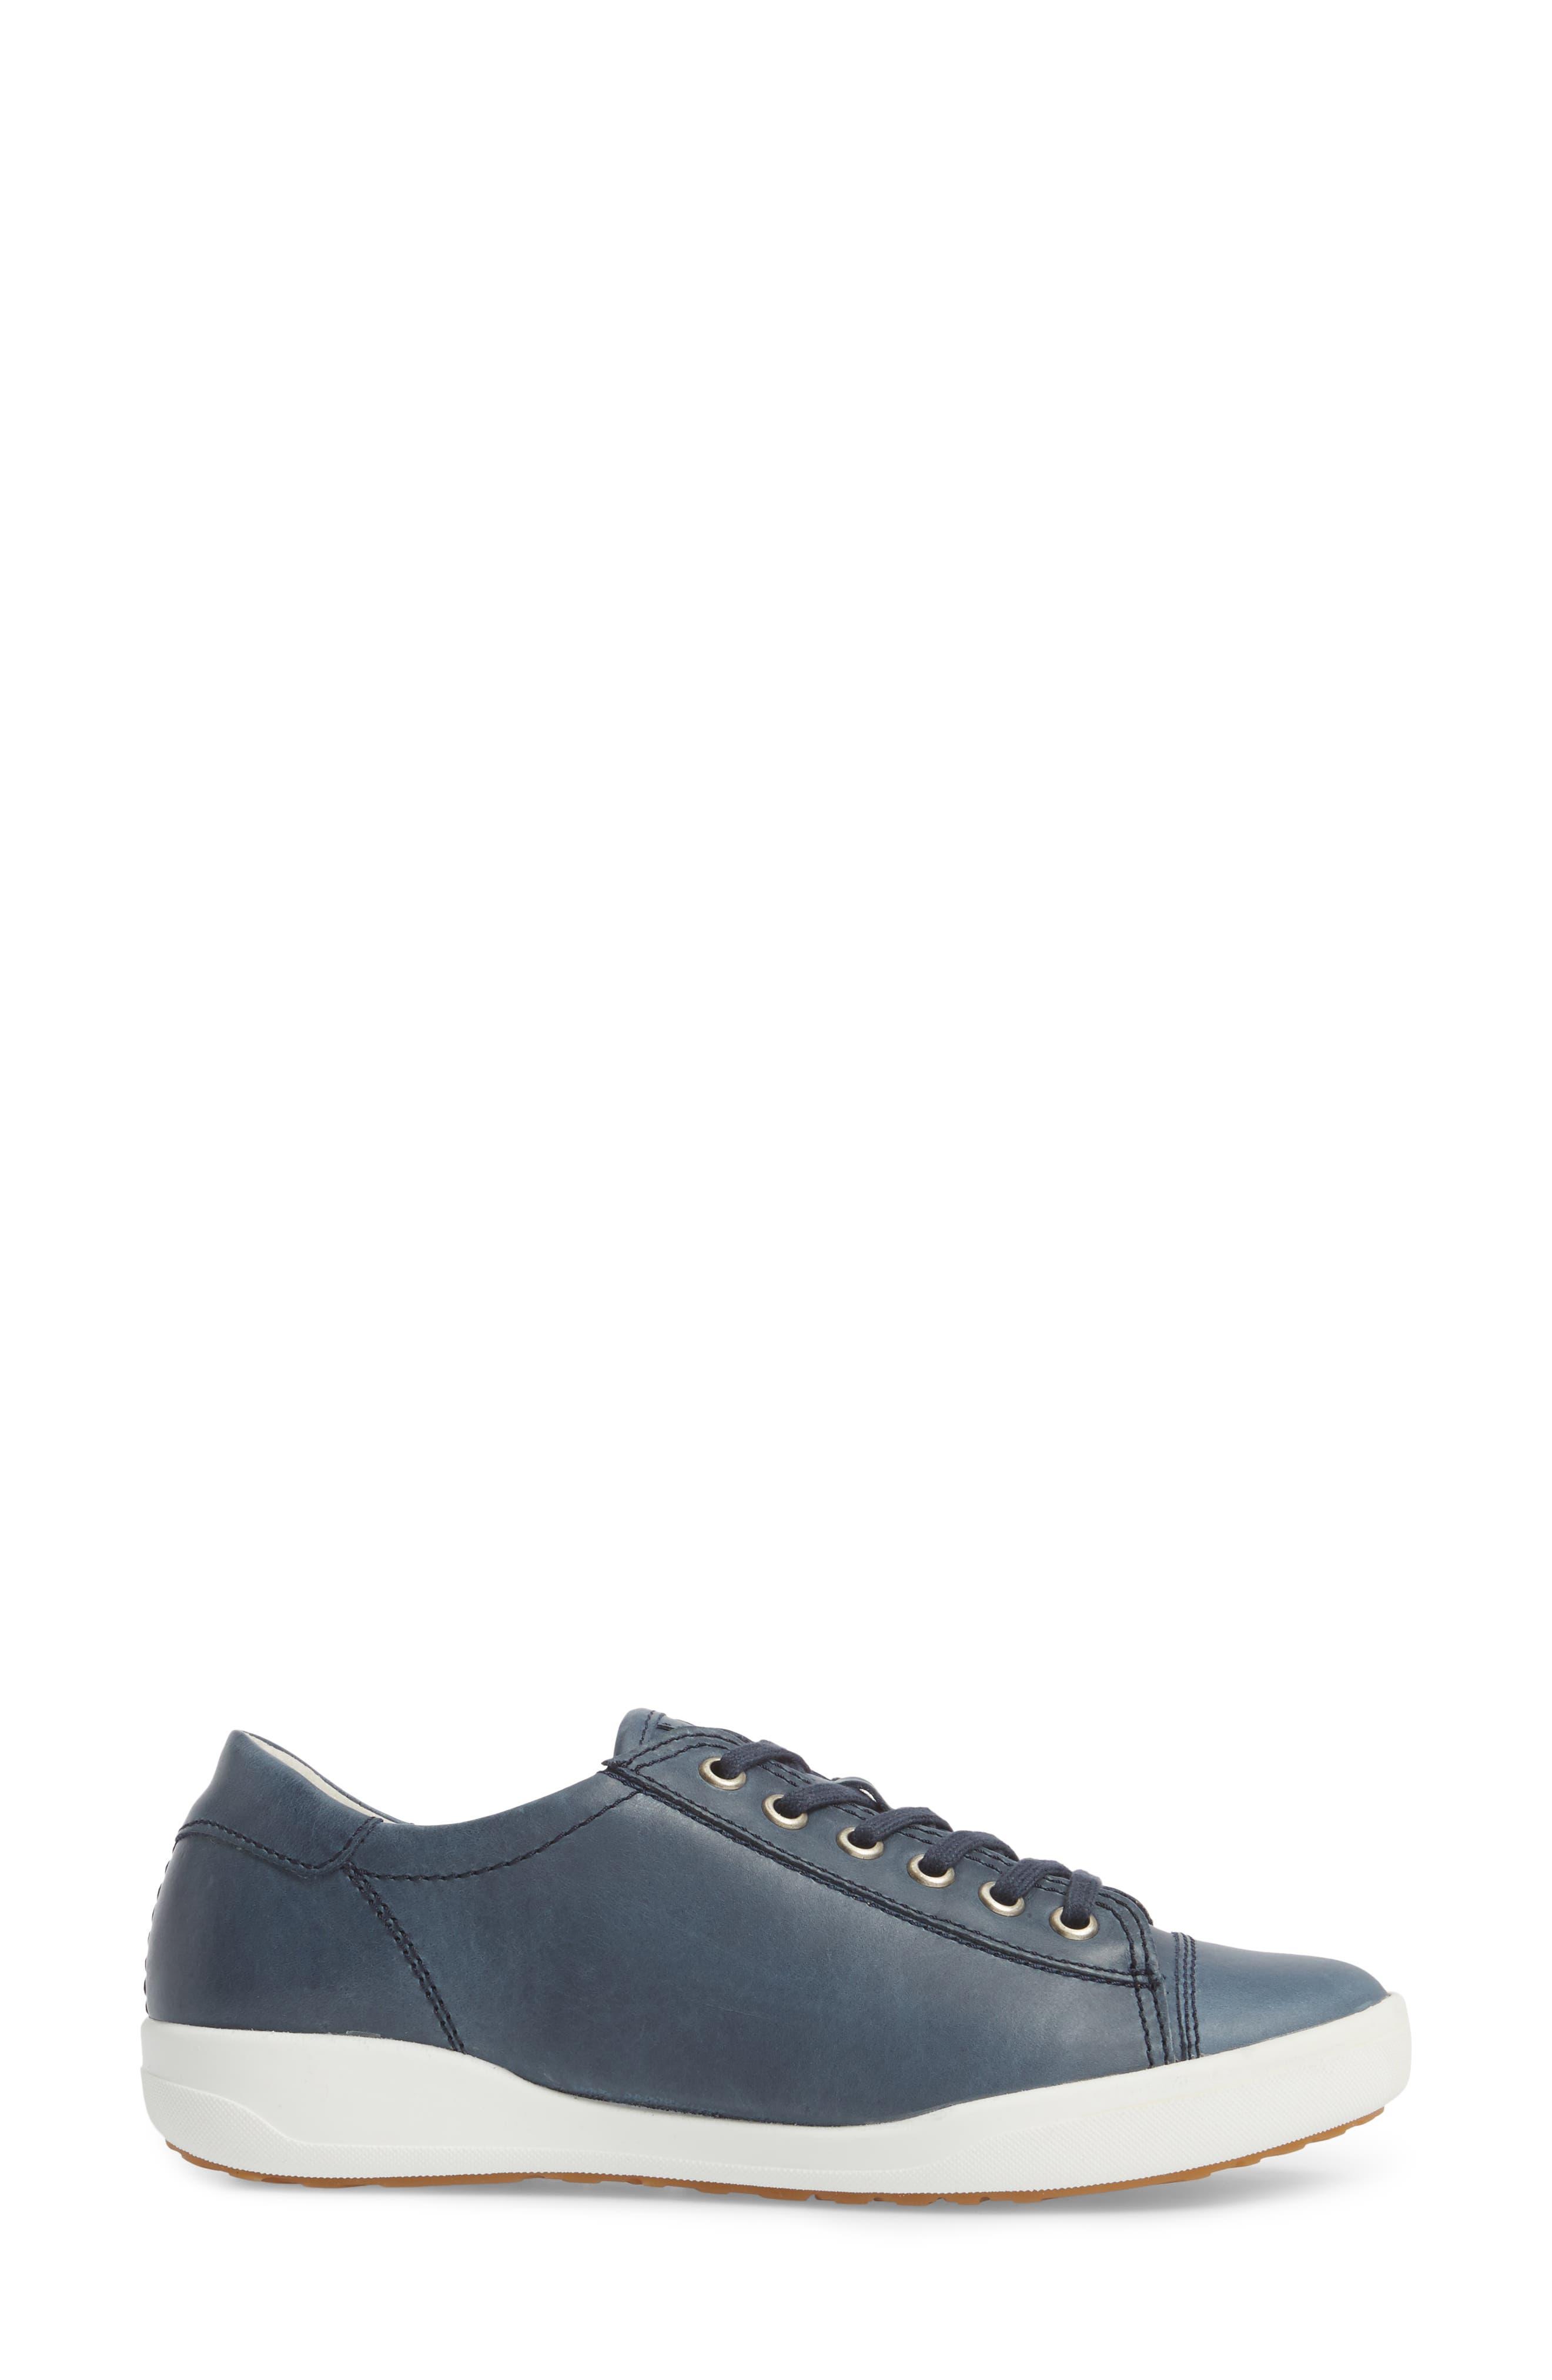 Sina 11 Sneaker,                             Alternate thumbnail 3, color,                             DENIM LEATHER